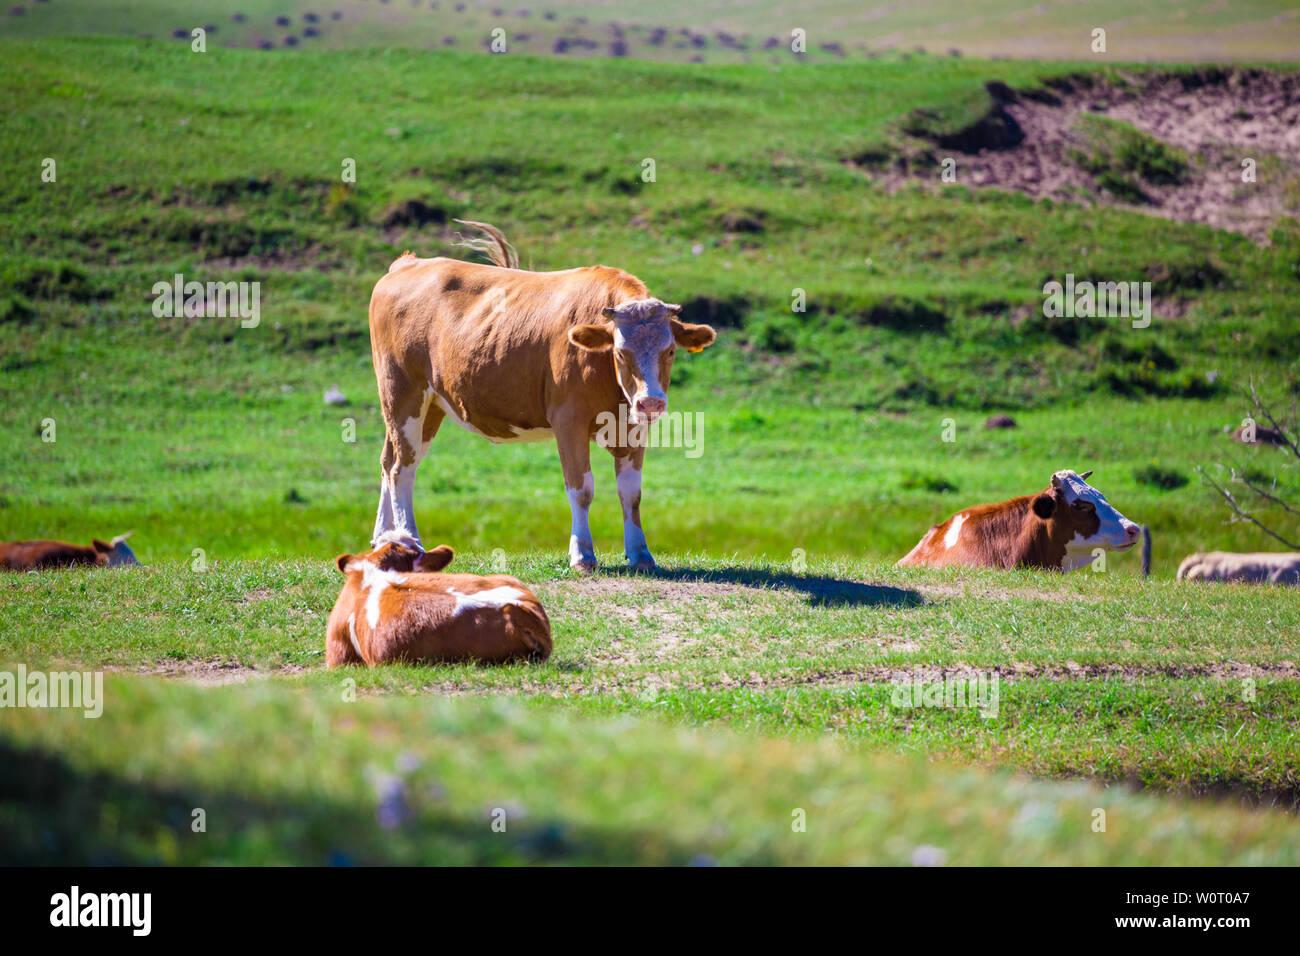 Agricoltura maso, bestiame, prato prato secco, il pascolo di bestiame, mammiferi, mucca farm, paesaggio rurale, nessuno in natura, prati, zootecnia, terreni agricoli, area rurale estate mandria di bovini Bovini Bovini Foto Stock